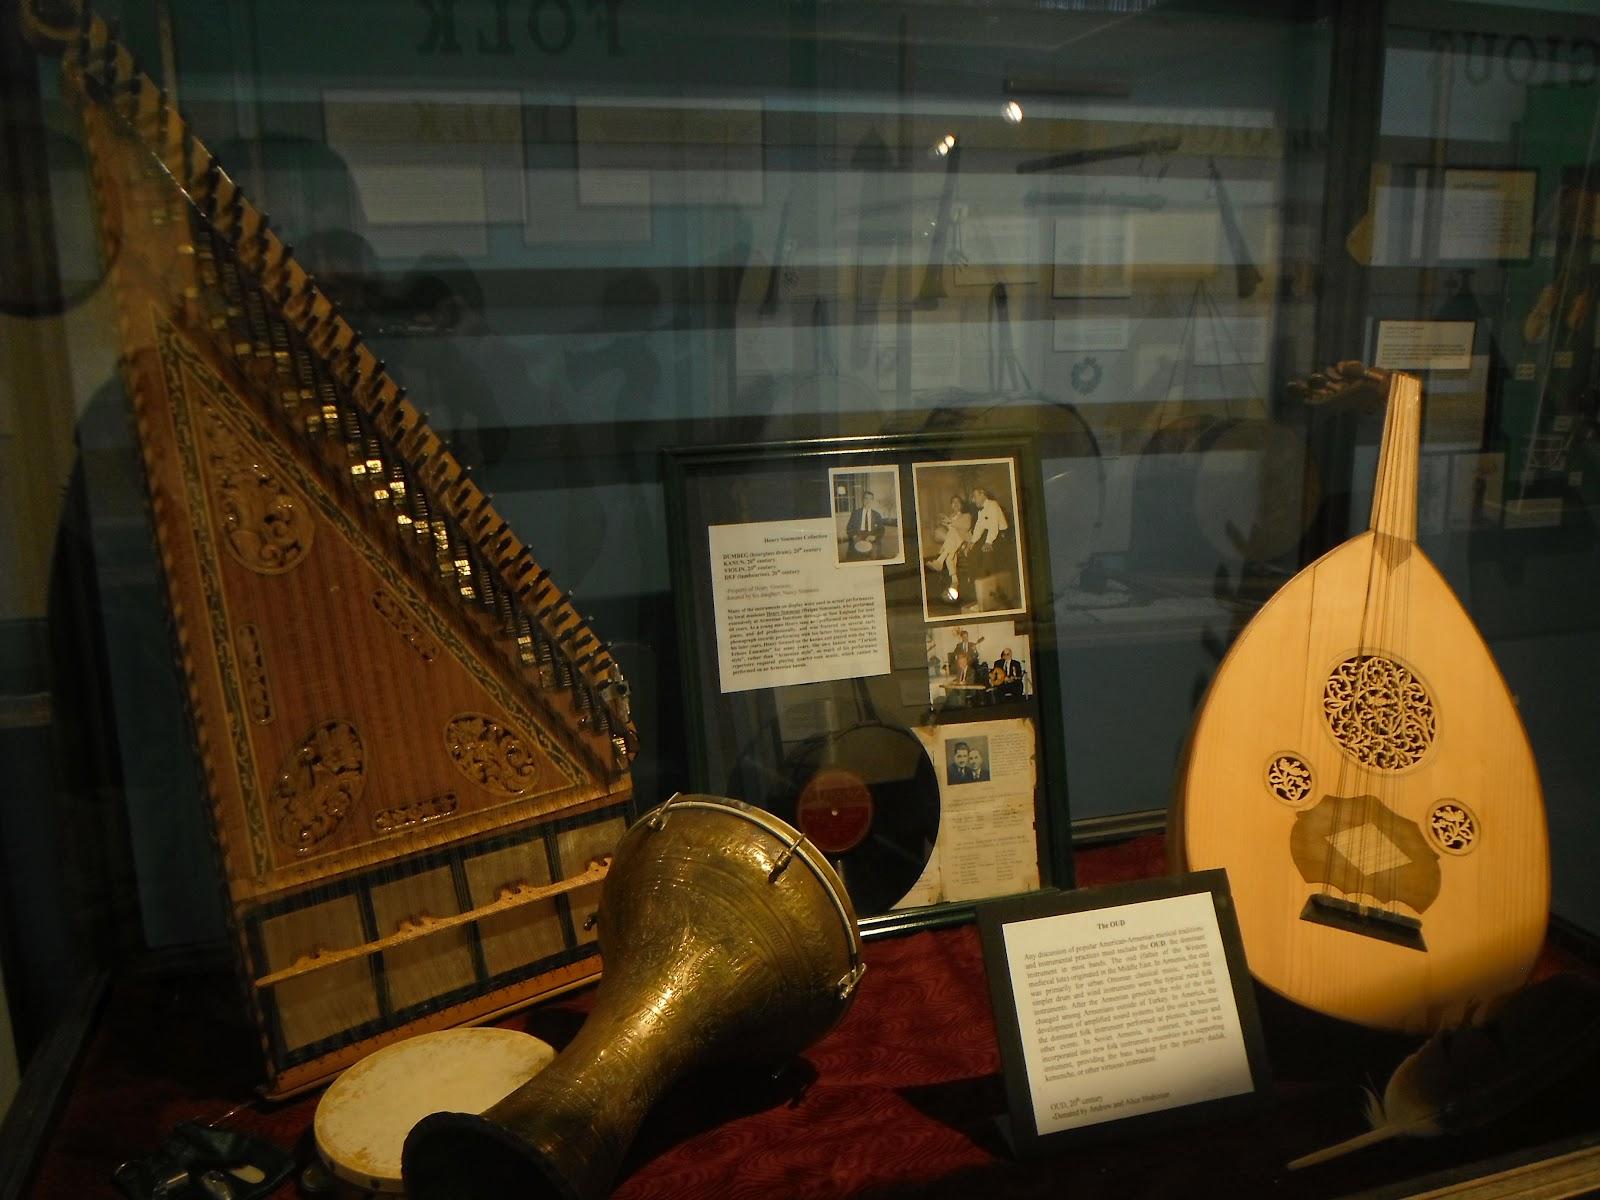 К примеру, сантиметровый дудук считается наиболее подходящим для исполнения любовных песен, в то время как более короткий чаще аккомпанирует танцам.